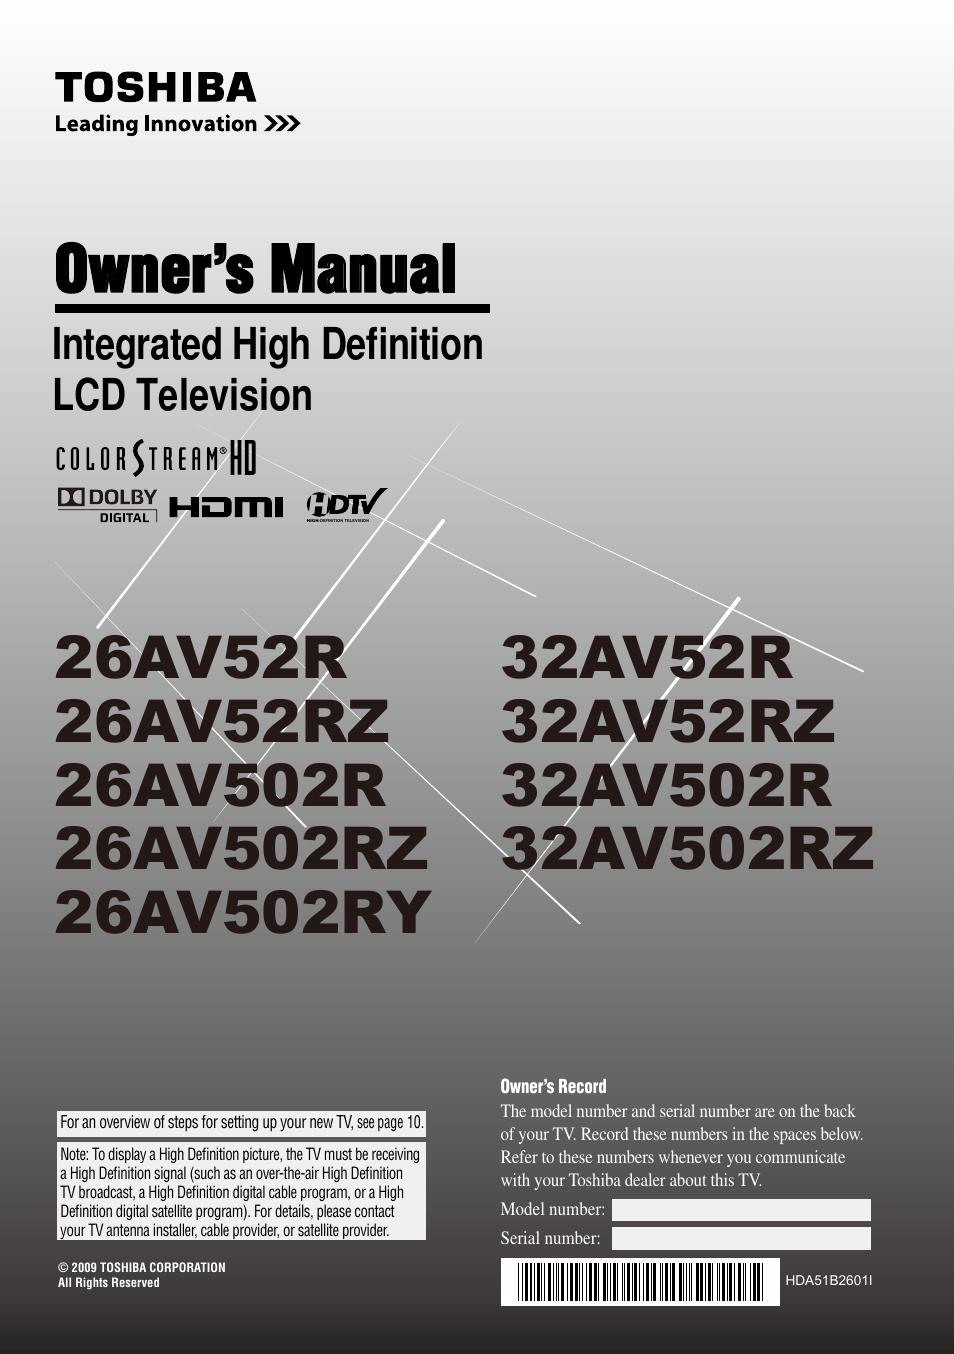 toshiba 26av502rz user manual 64 pages also for 32av52rz rh manualsdir com toshiba 32av502r service manual toshiba model 32av502r manual